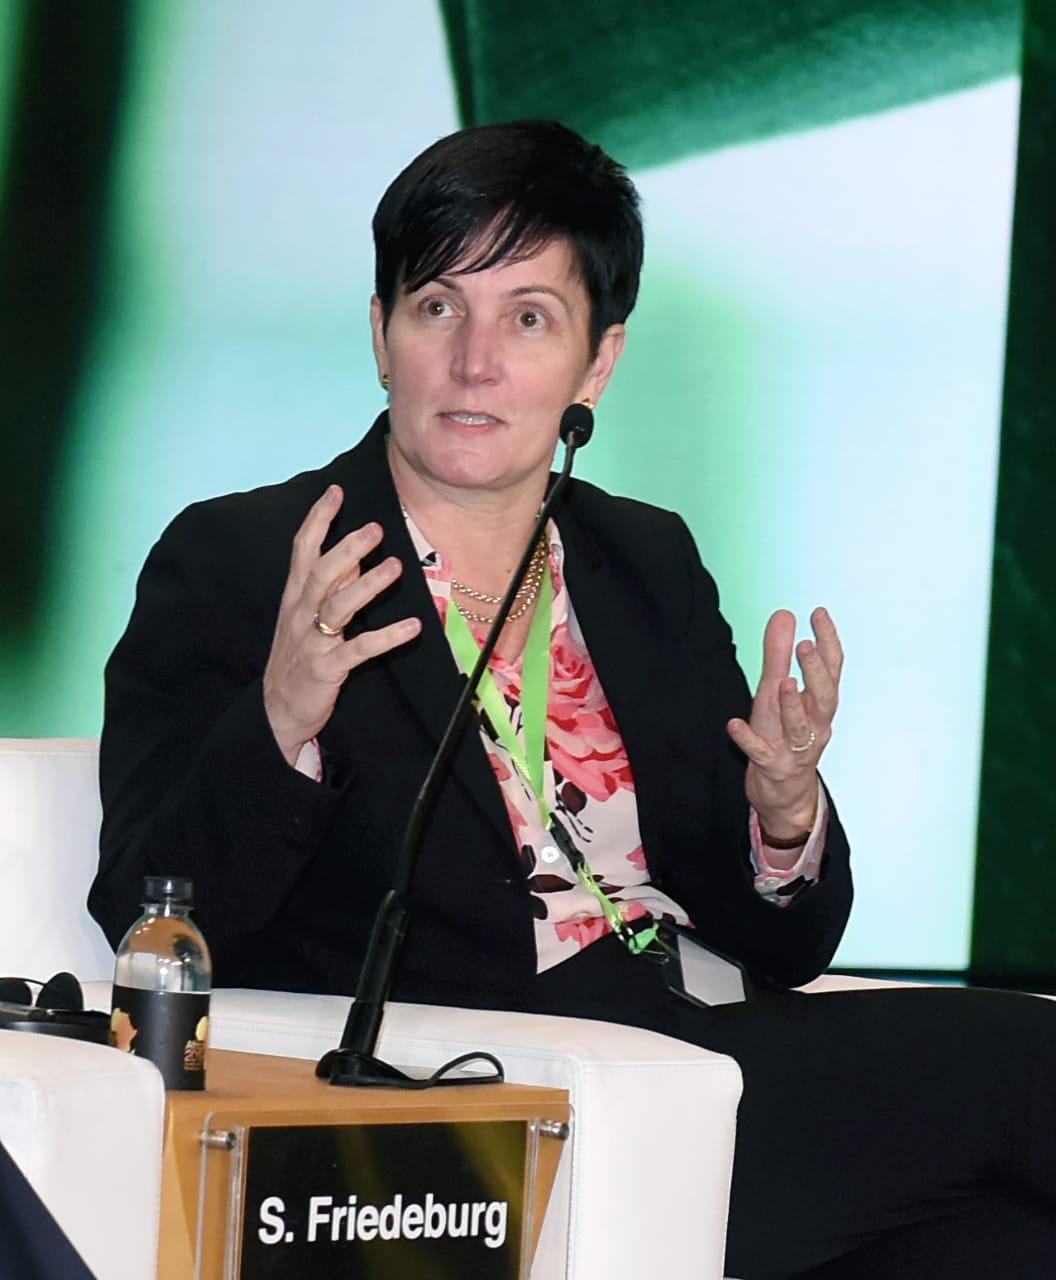 ستيفانى فون فريديبرج الرئيس التنفيذى للأعمال لدى مؤسسة التمويل الدولية